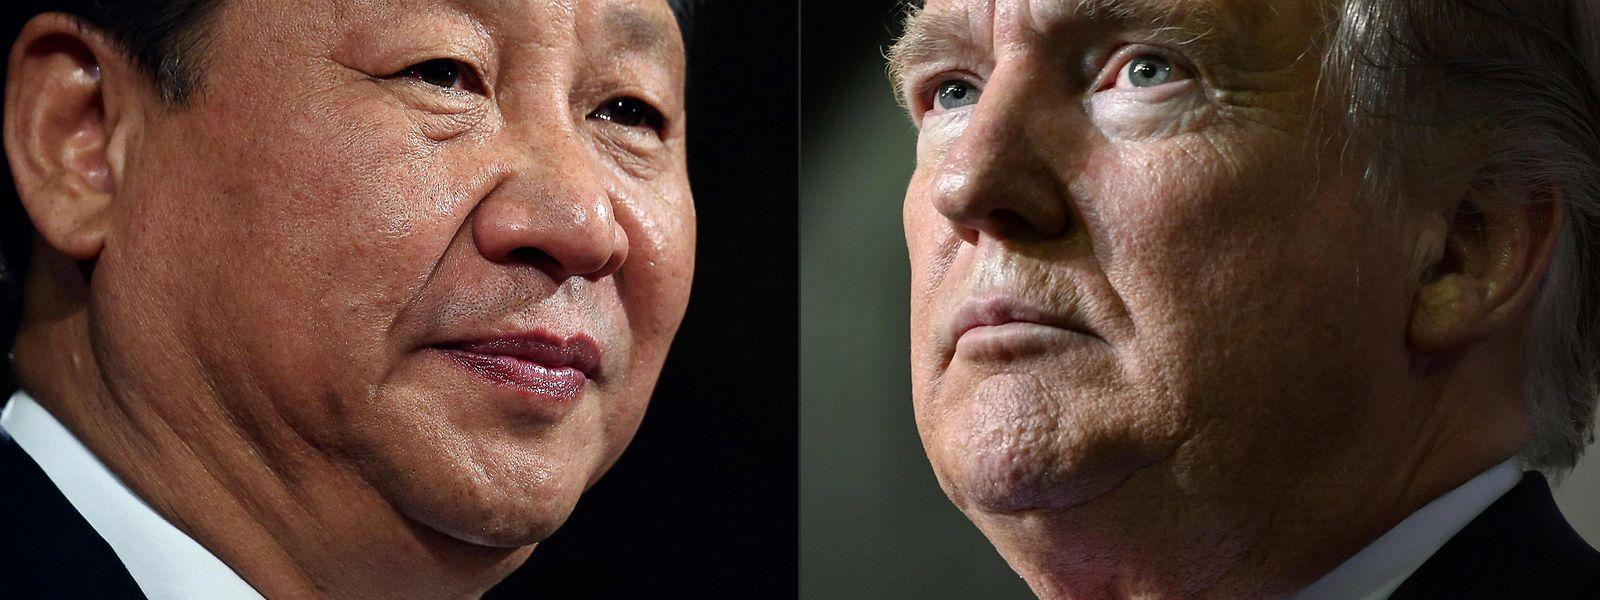 Das Verhältnis zwischen Xi Jinping (L) und US-Präsident Donald Trump ist auf einem Tiefpunkt angelangt.